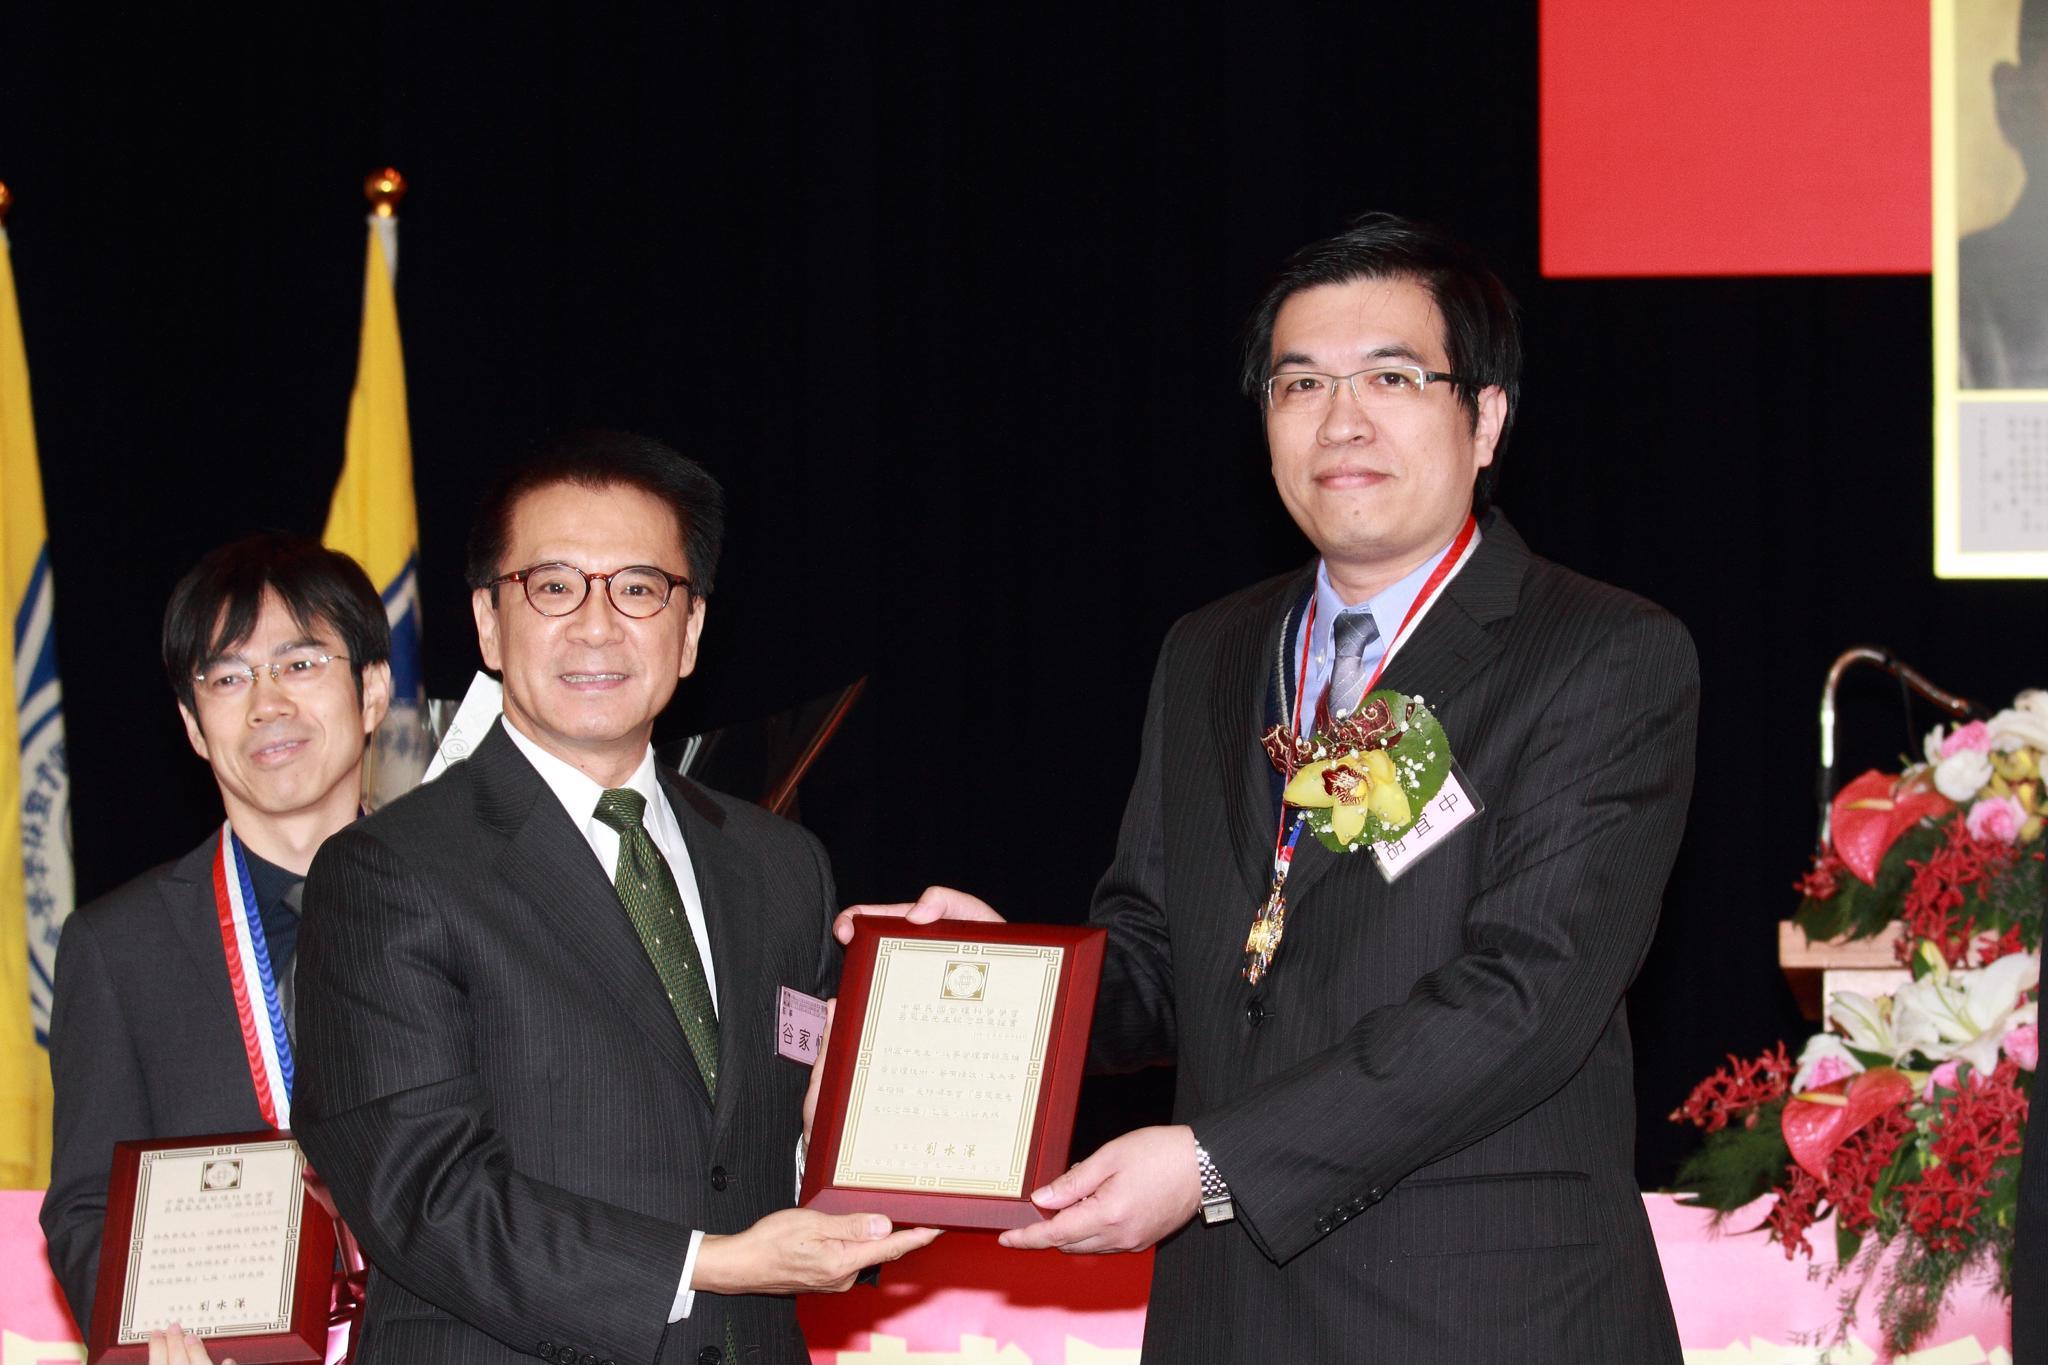 賀!企管系胡宜中主任榮獲「呂鳳章先生紀念獎章」